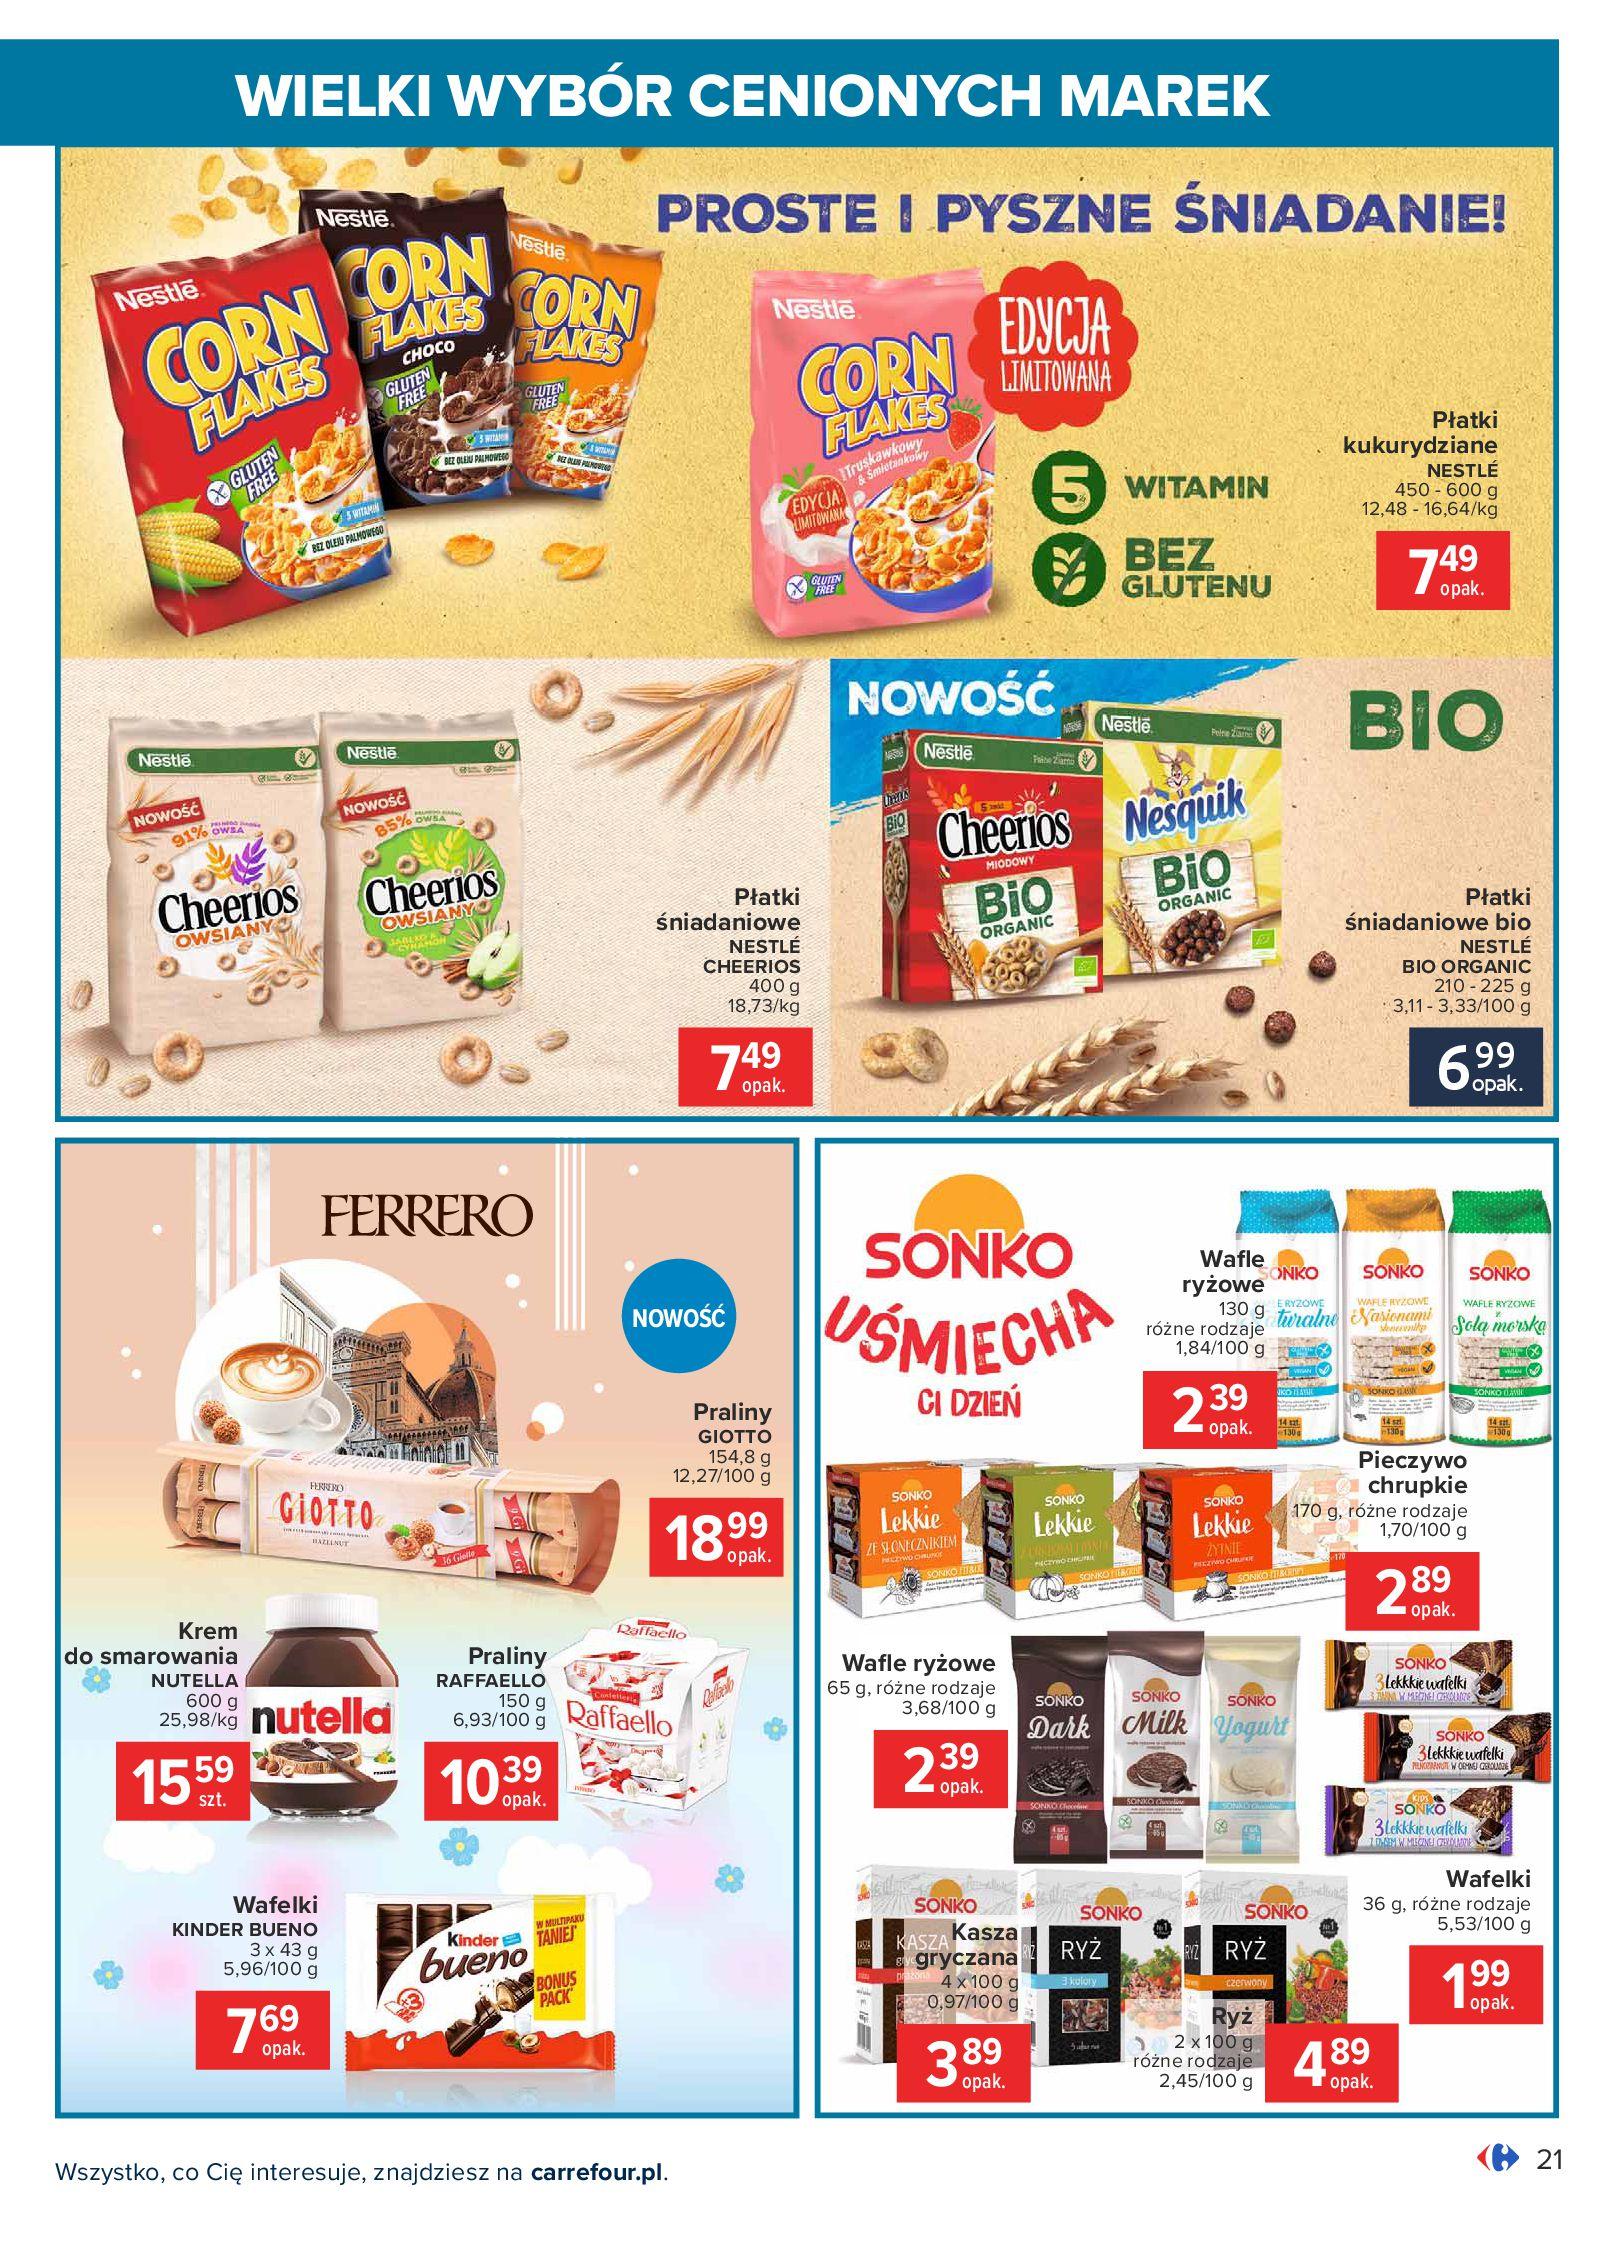 Gazetka Carrefour: Wielki wybór cenionych marek 2021-05-04 page-21